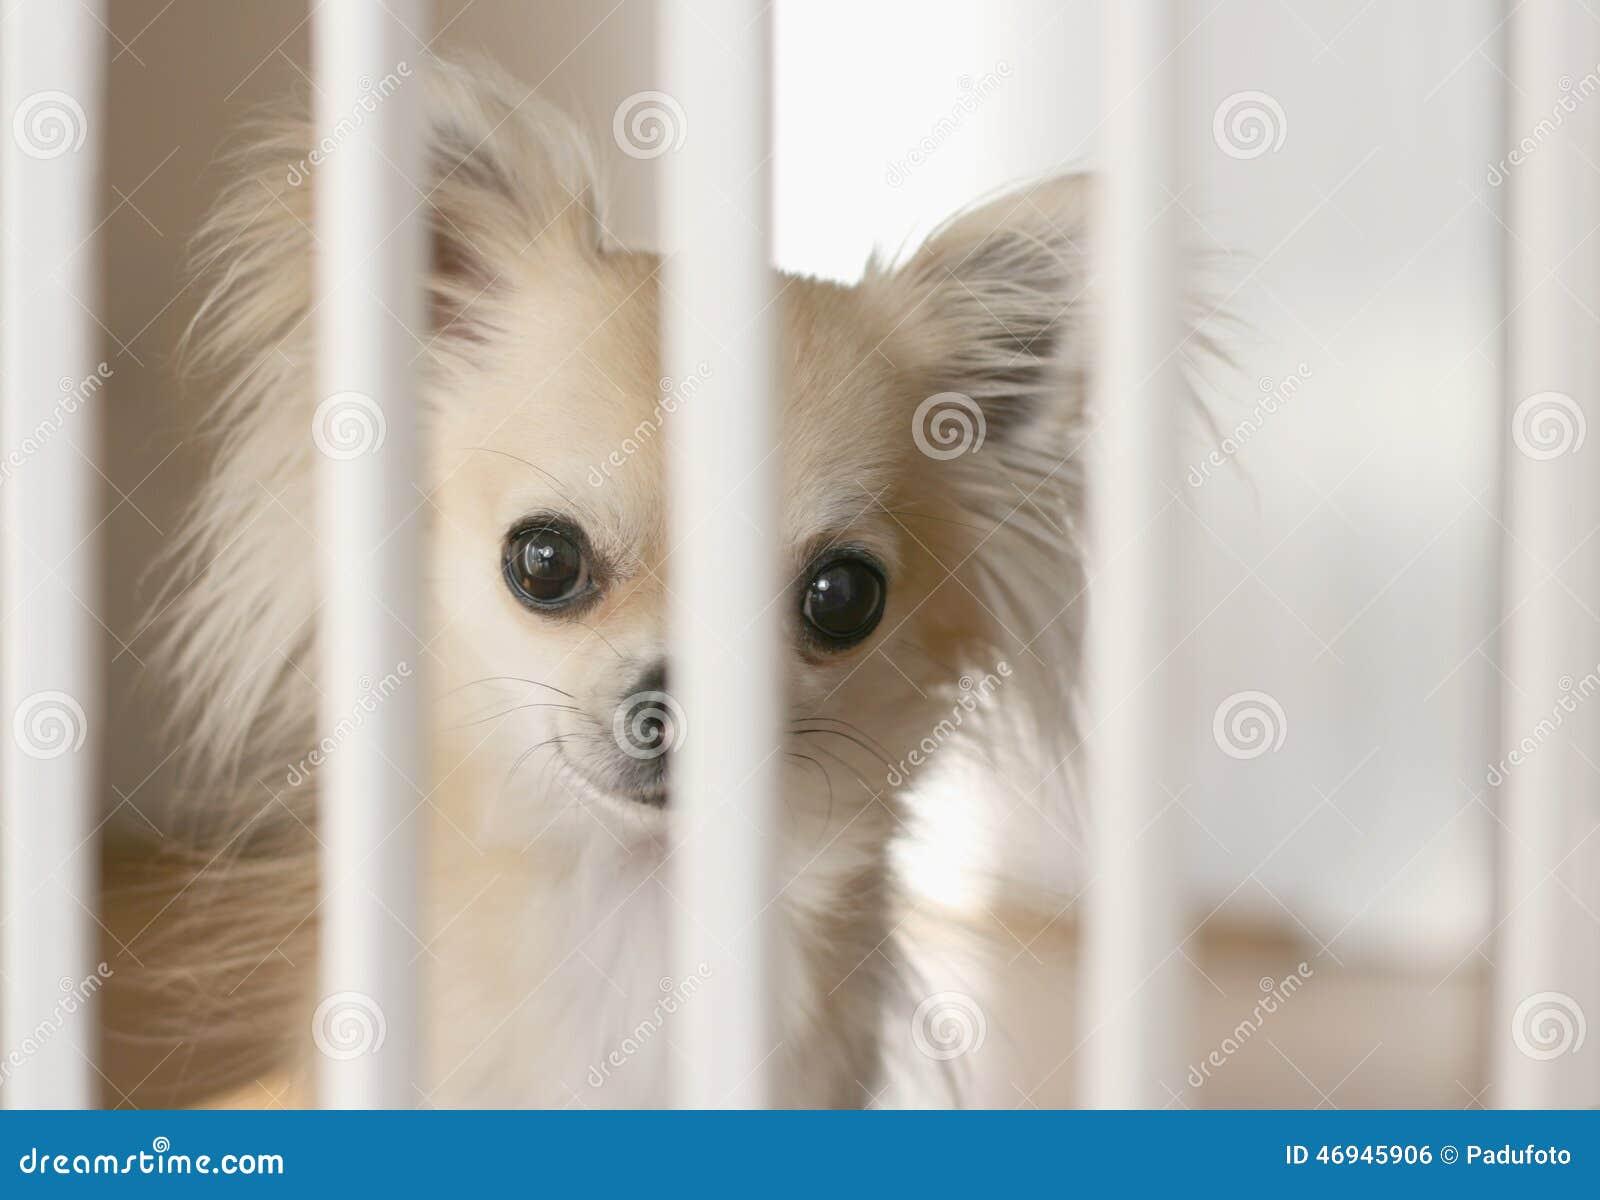 Staket hundstaket : Hundstaket inomhus arkivfoto. Bild av utgångspunkt, sorgsenhet ...